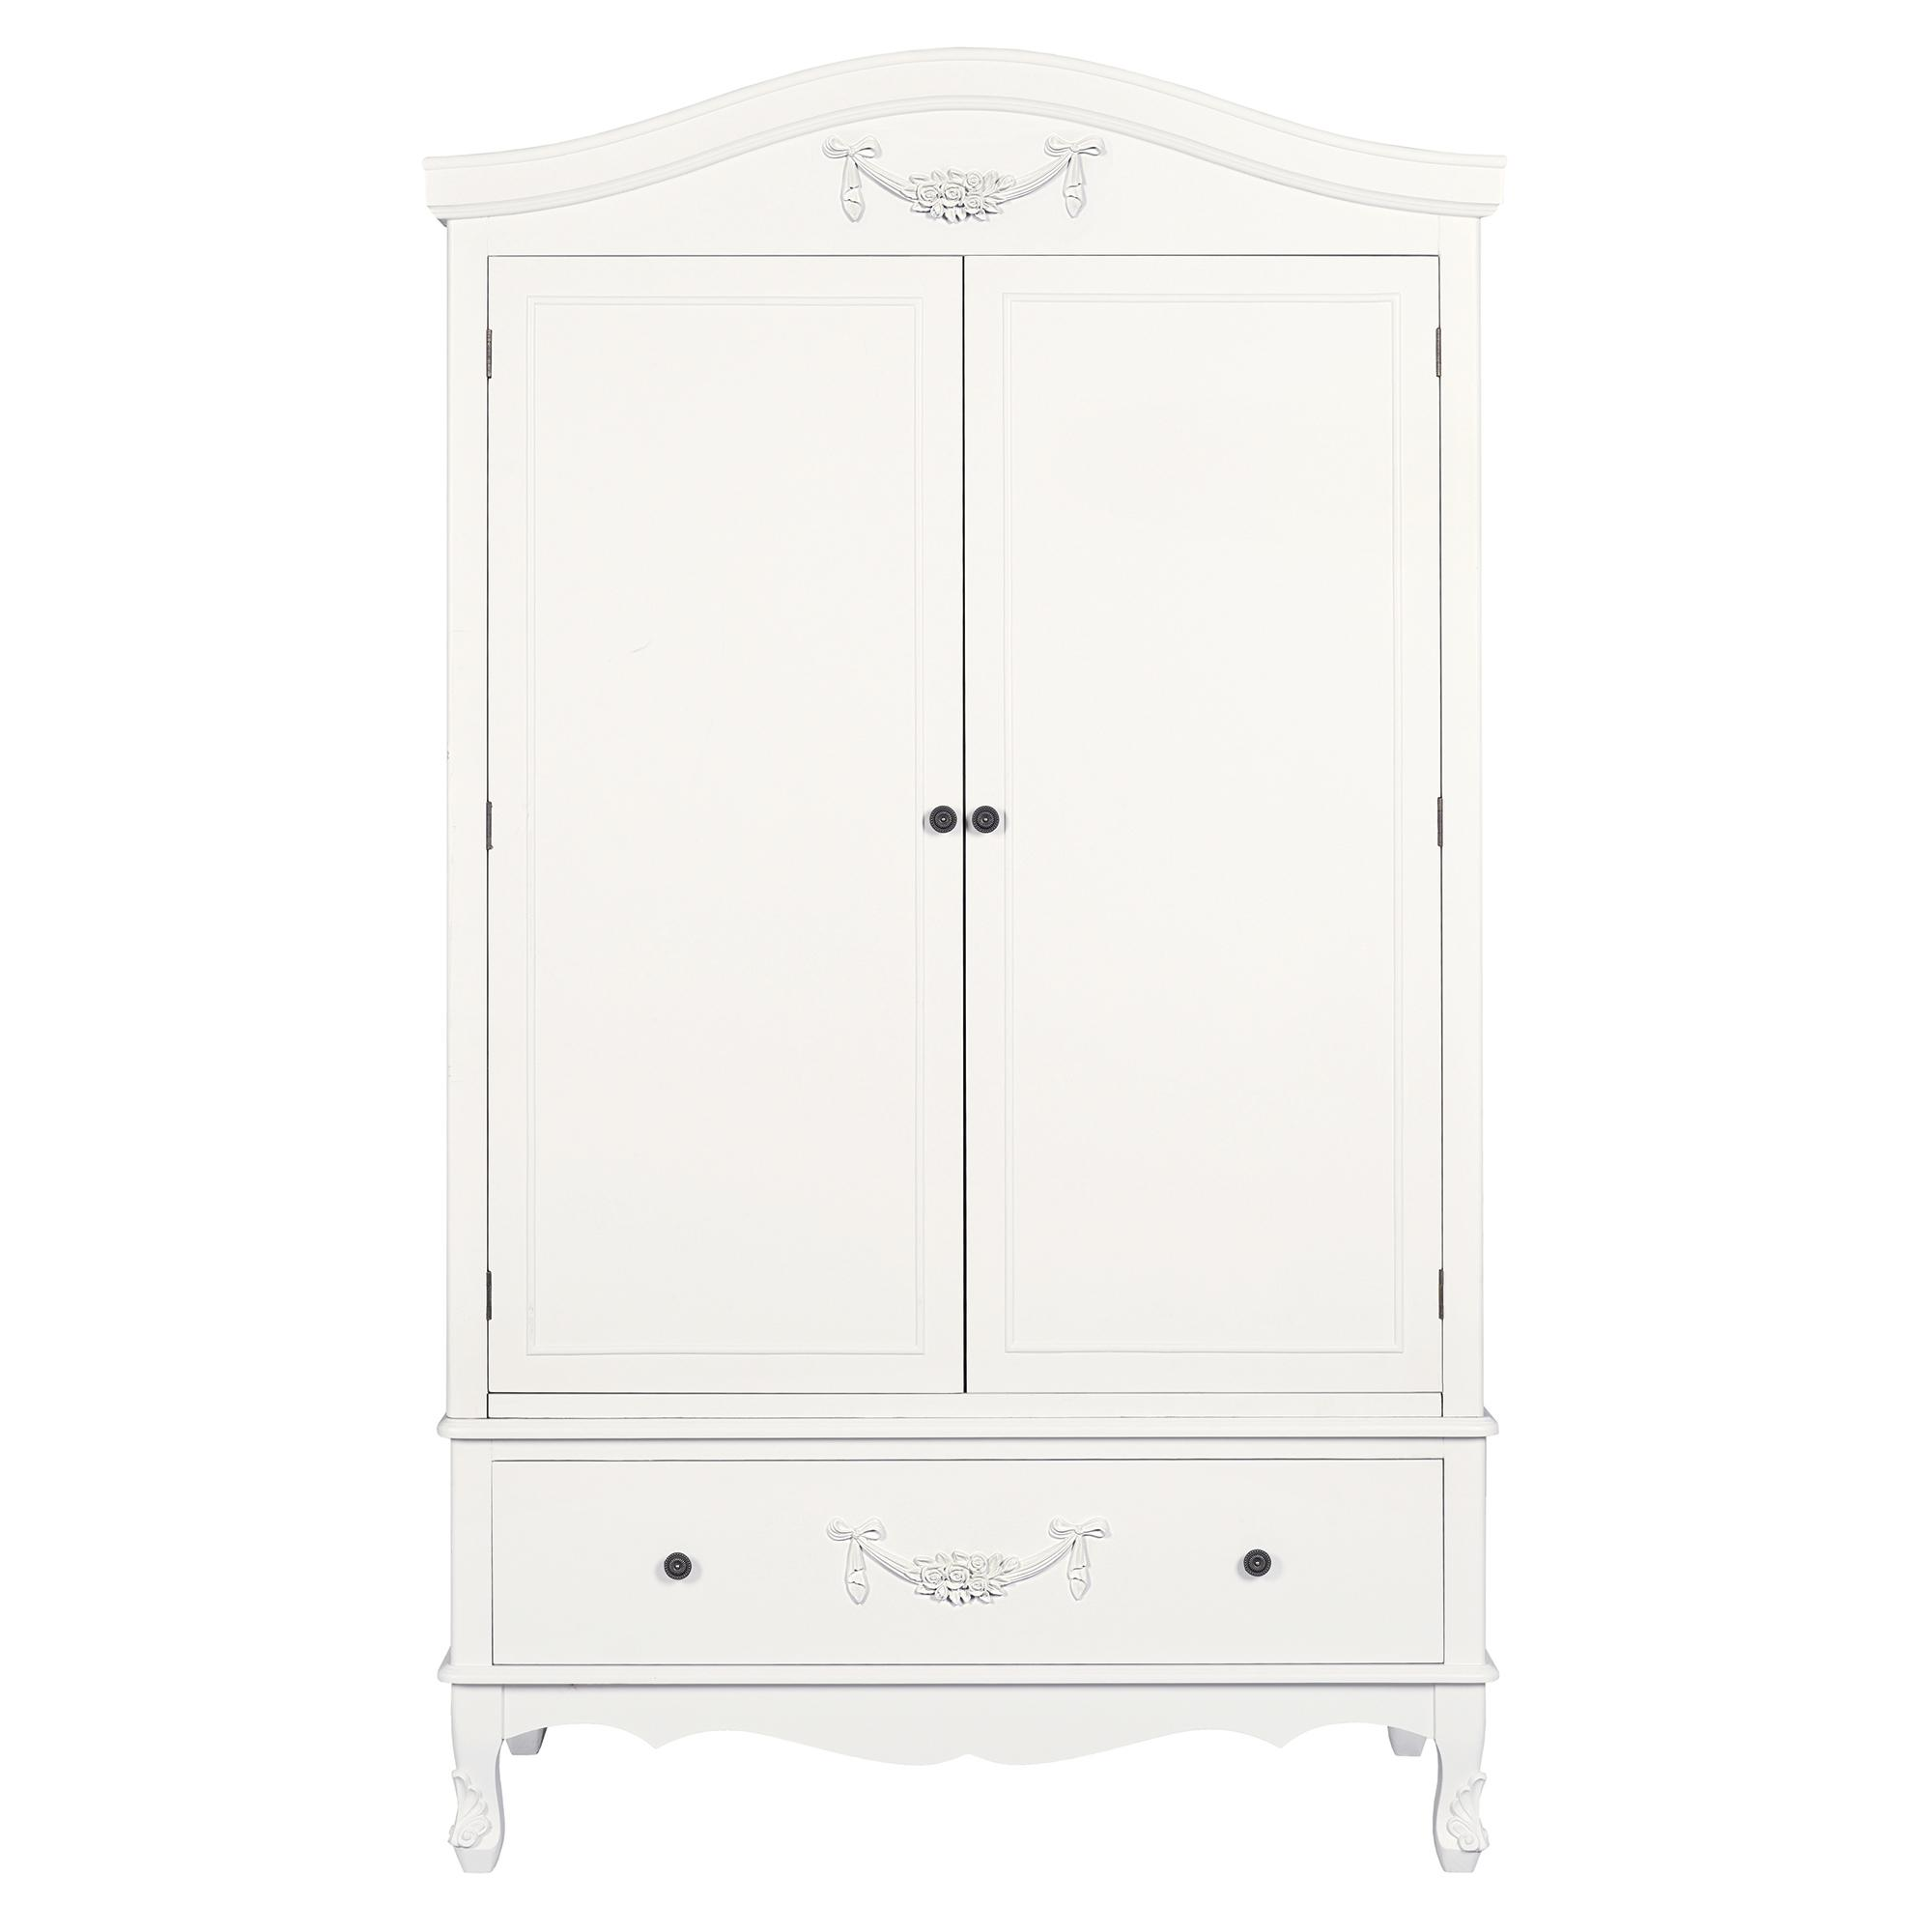 white wardrobes toulouse white double wardrobe. loz_exclusive_to_dunelm LSIJDYI